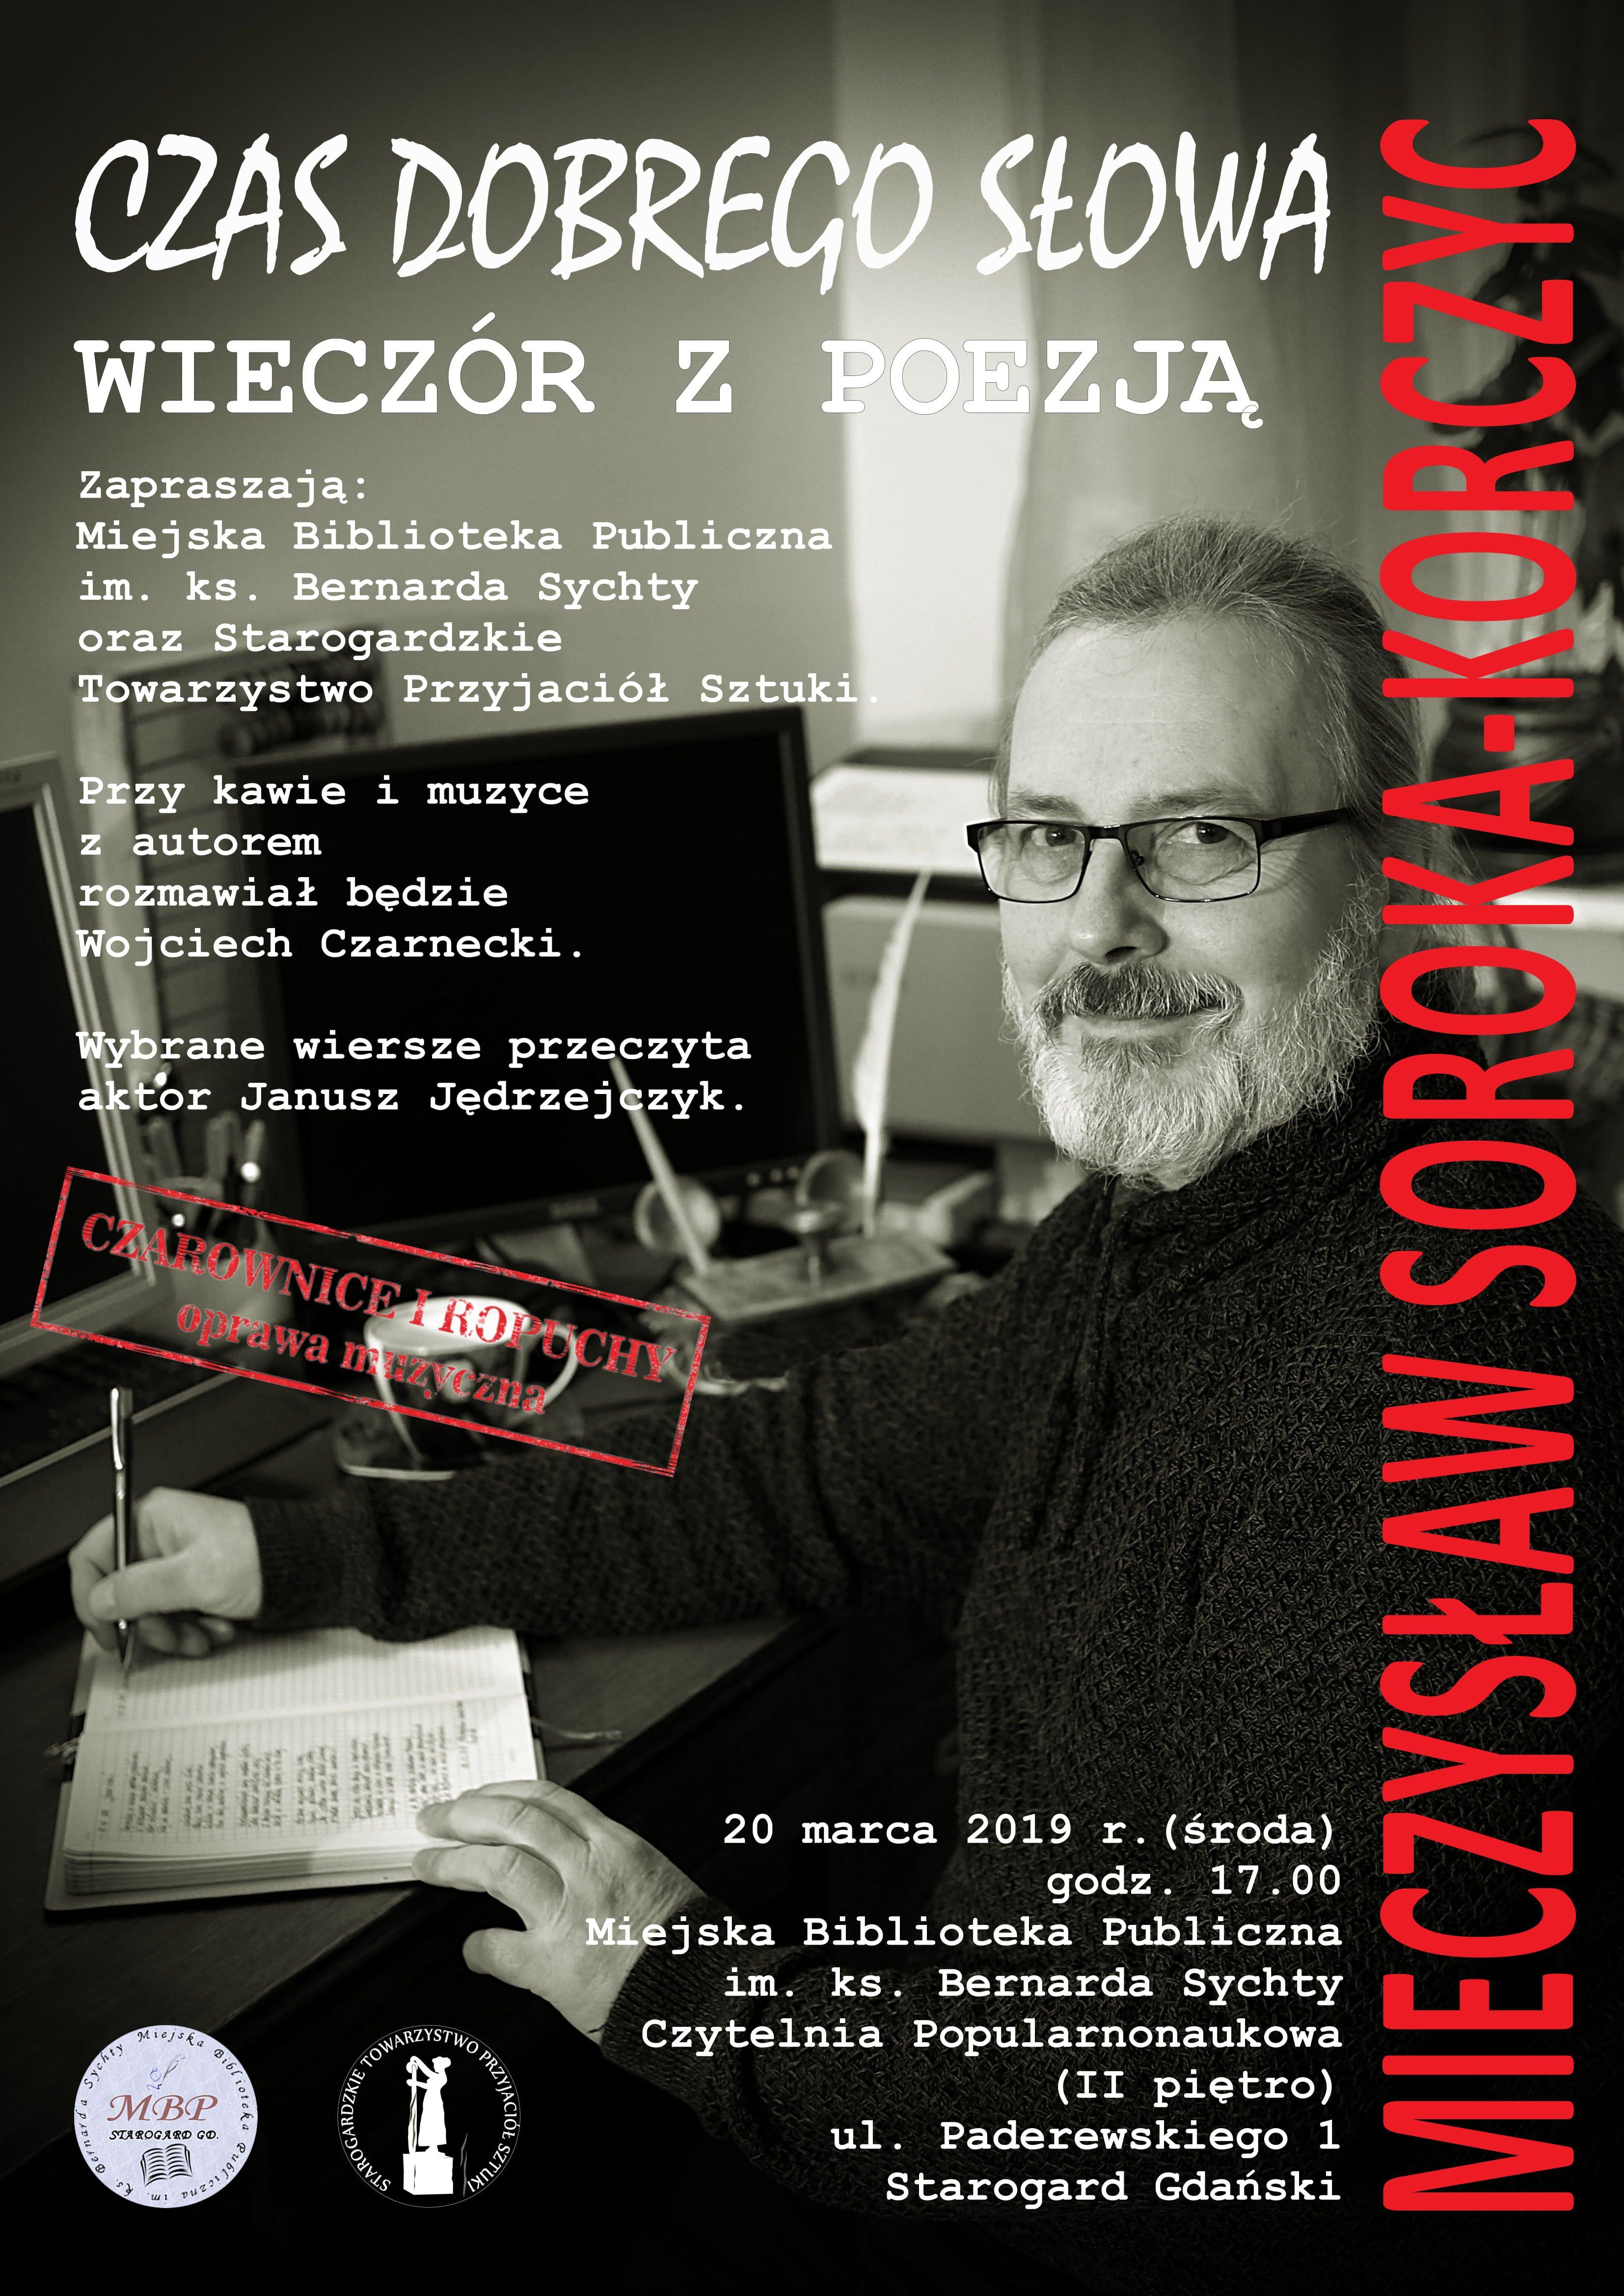 Czas dobrego słowa. Wieczór z poezją - Mieczysław Soroka-Korczyc